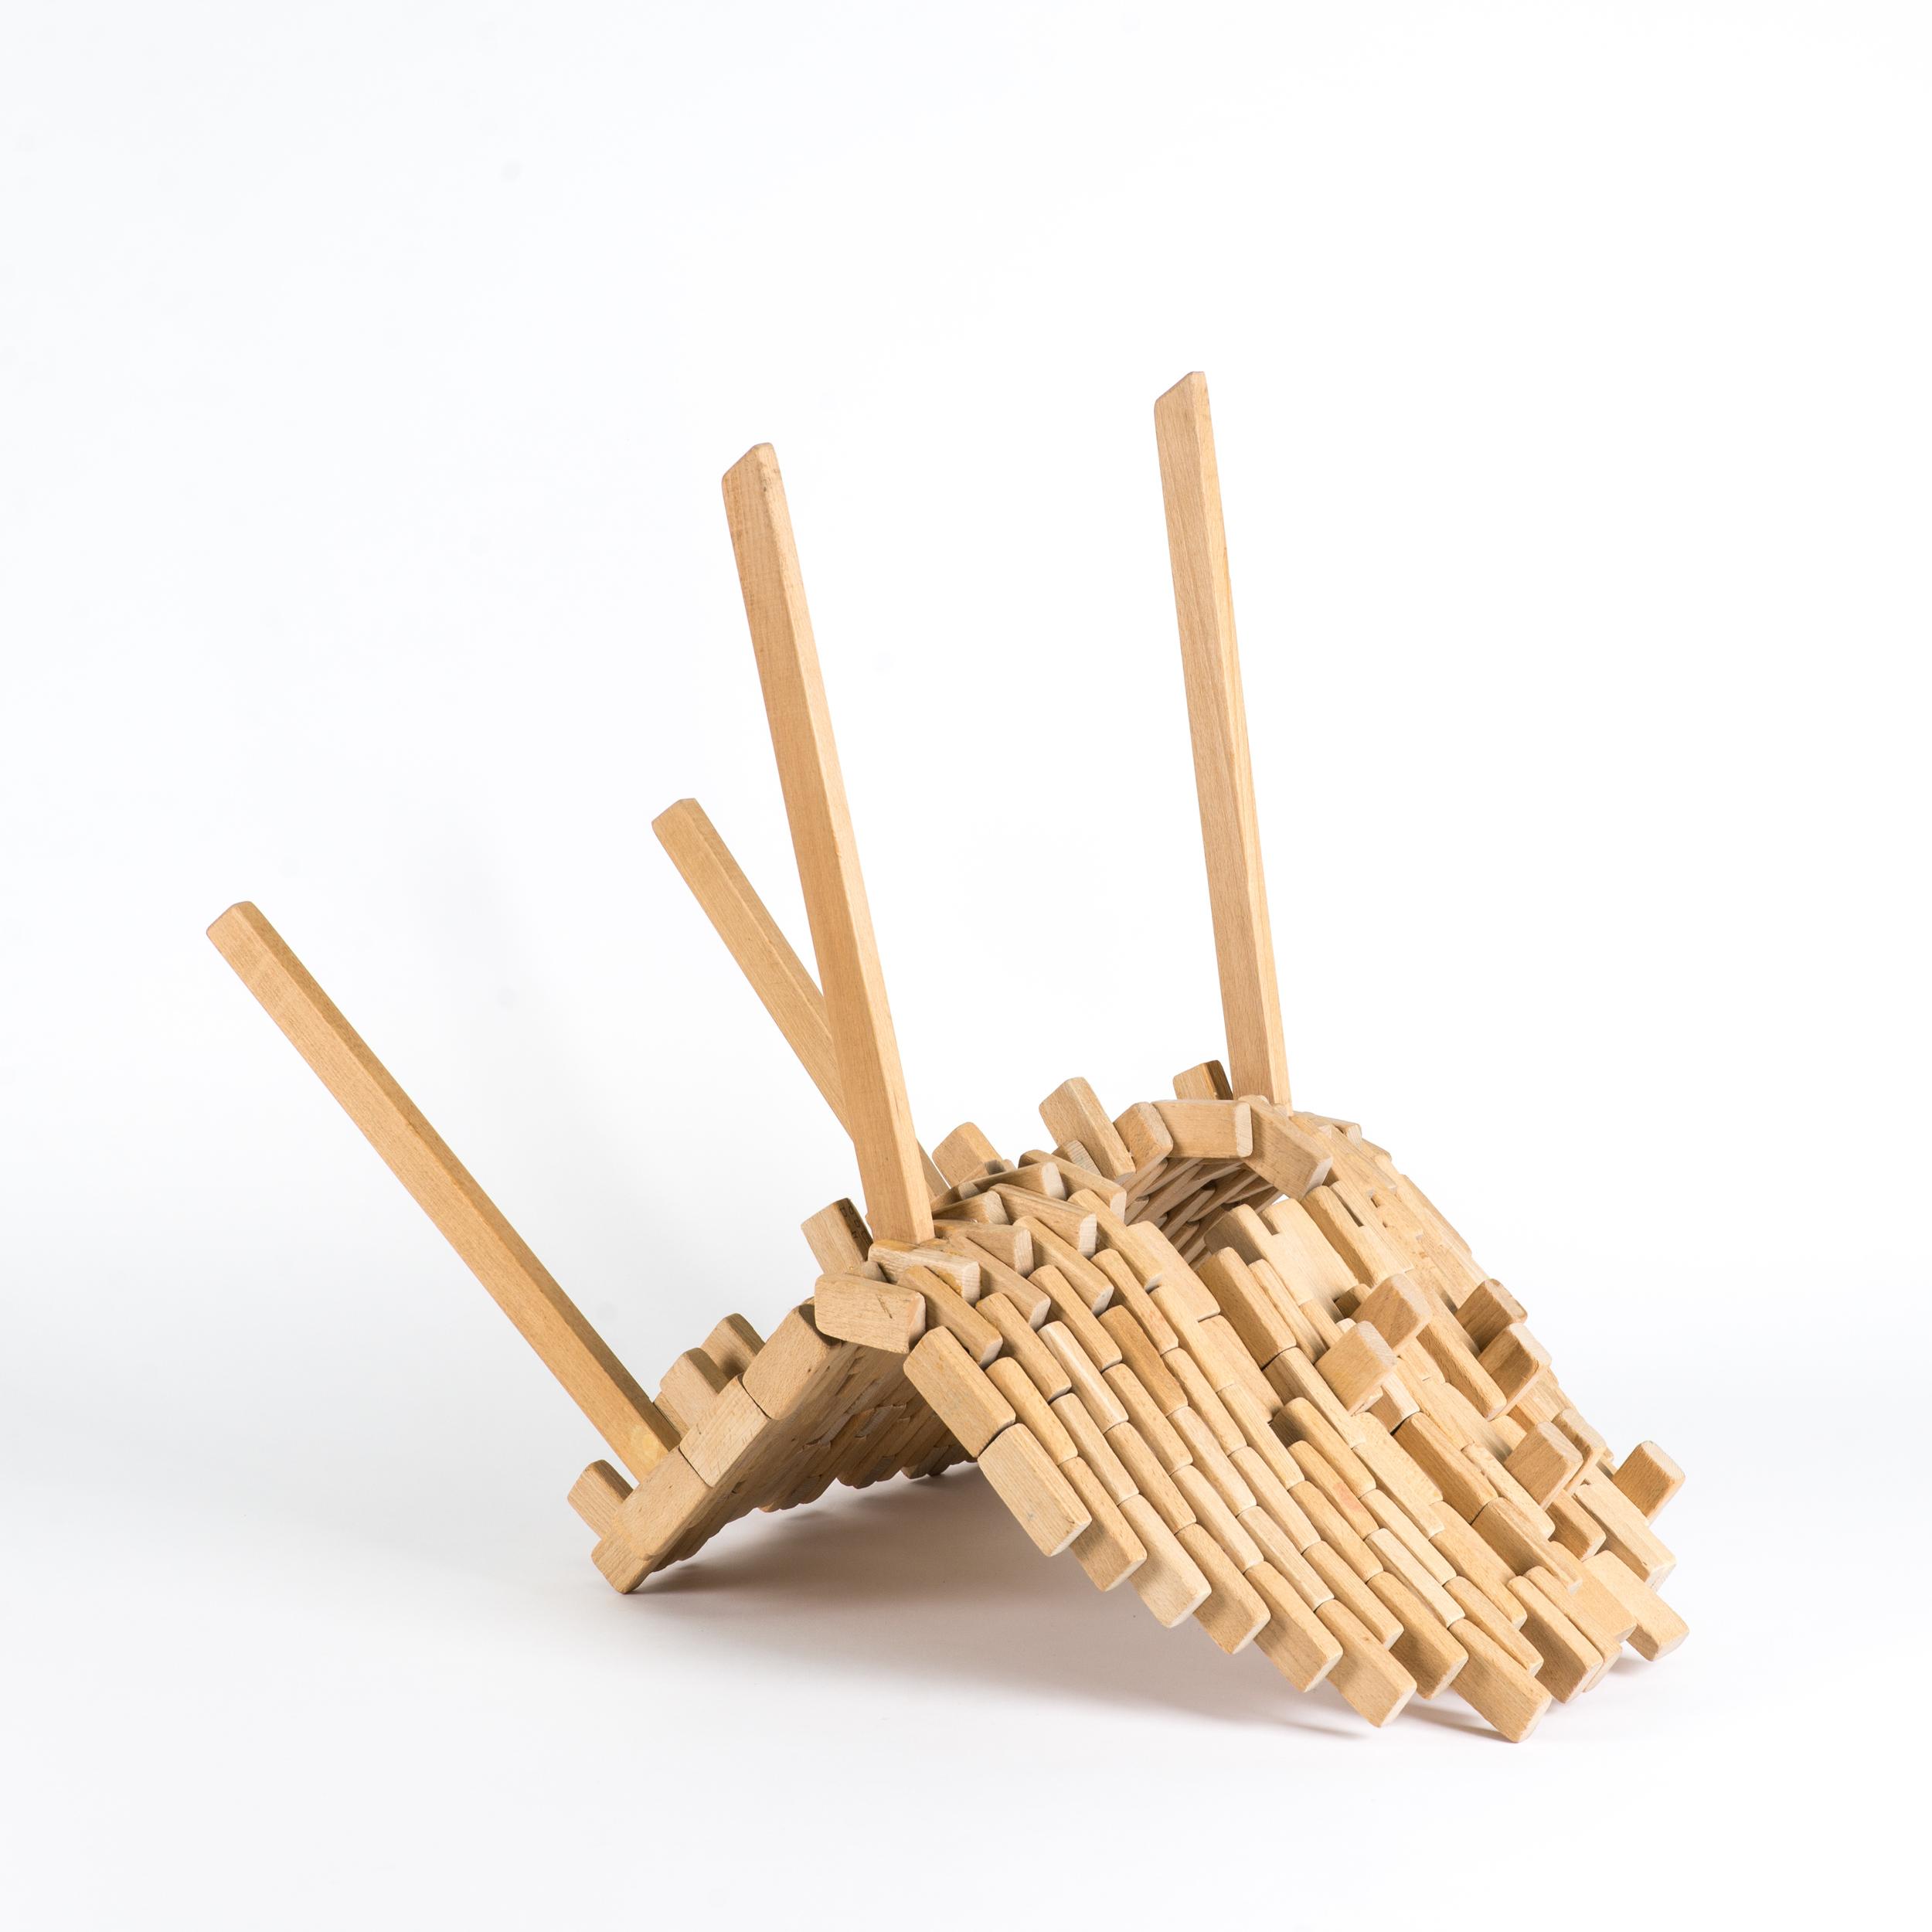 Bricks-chair-04.jpg